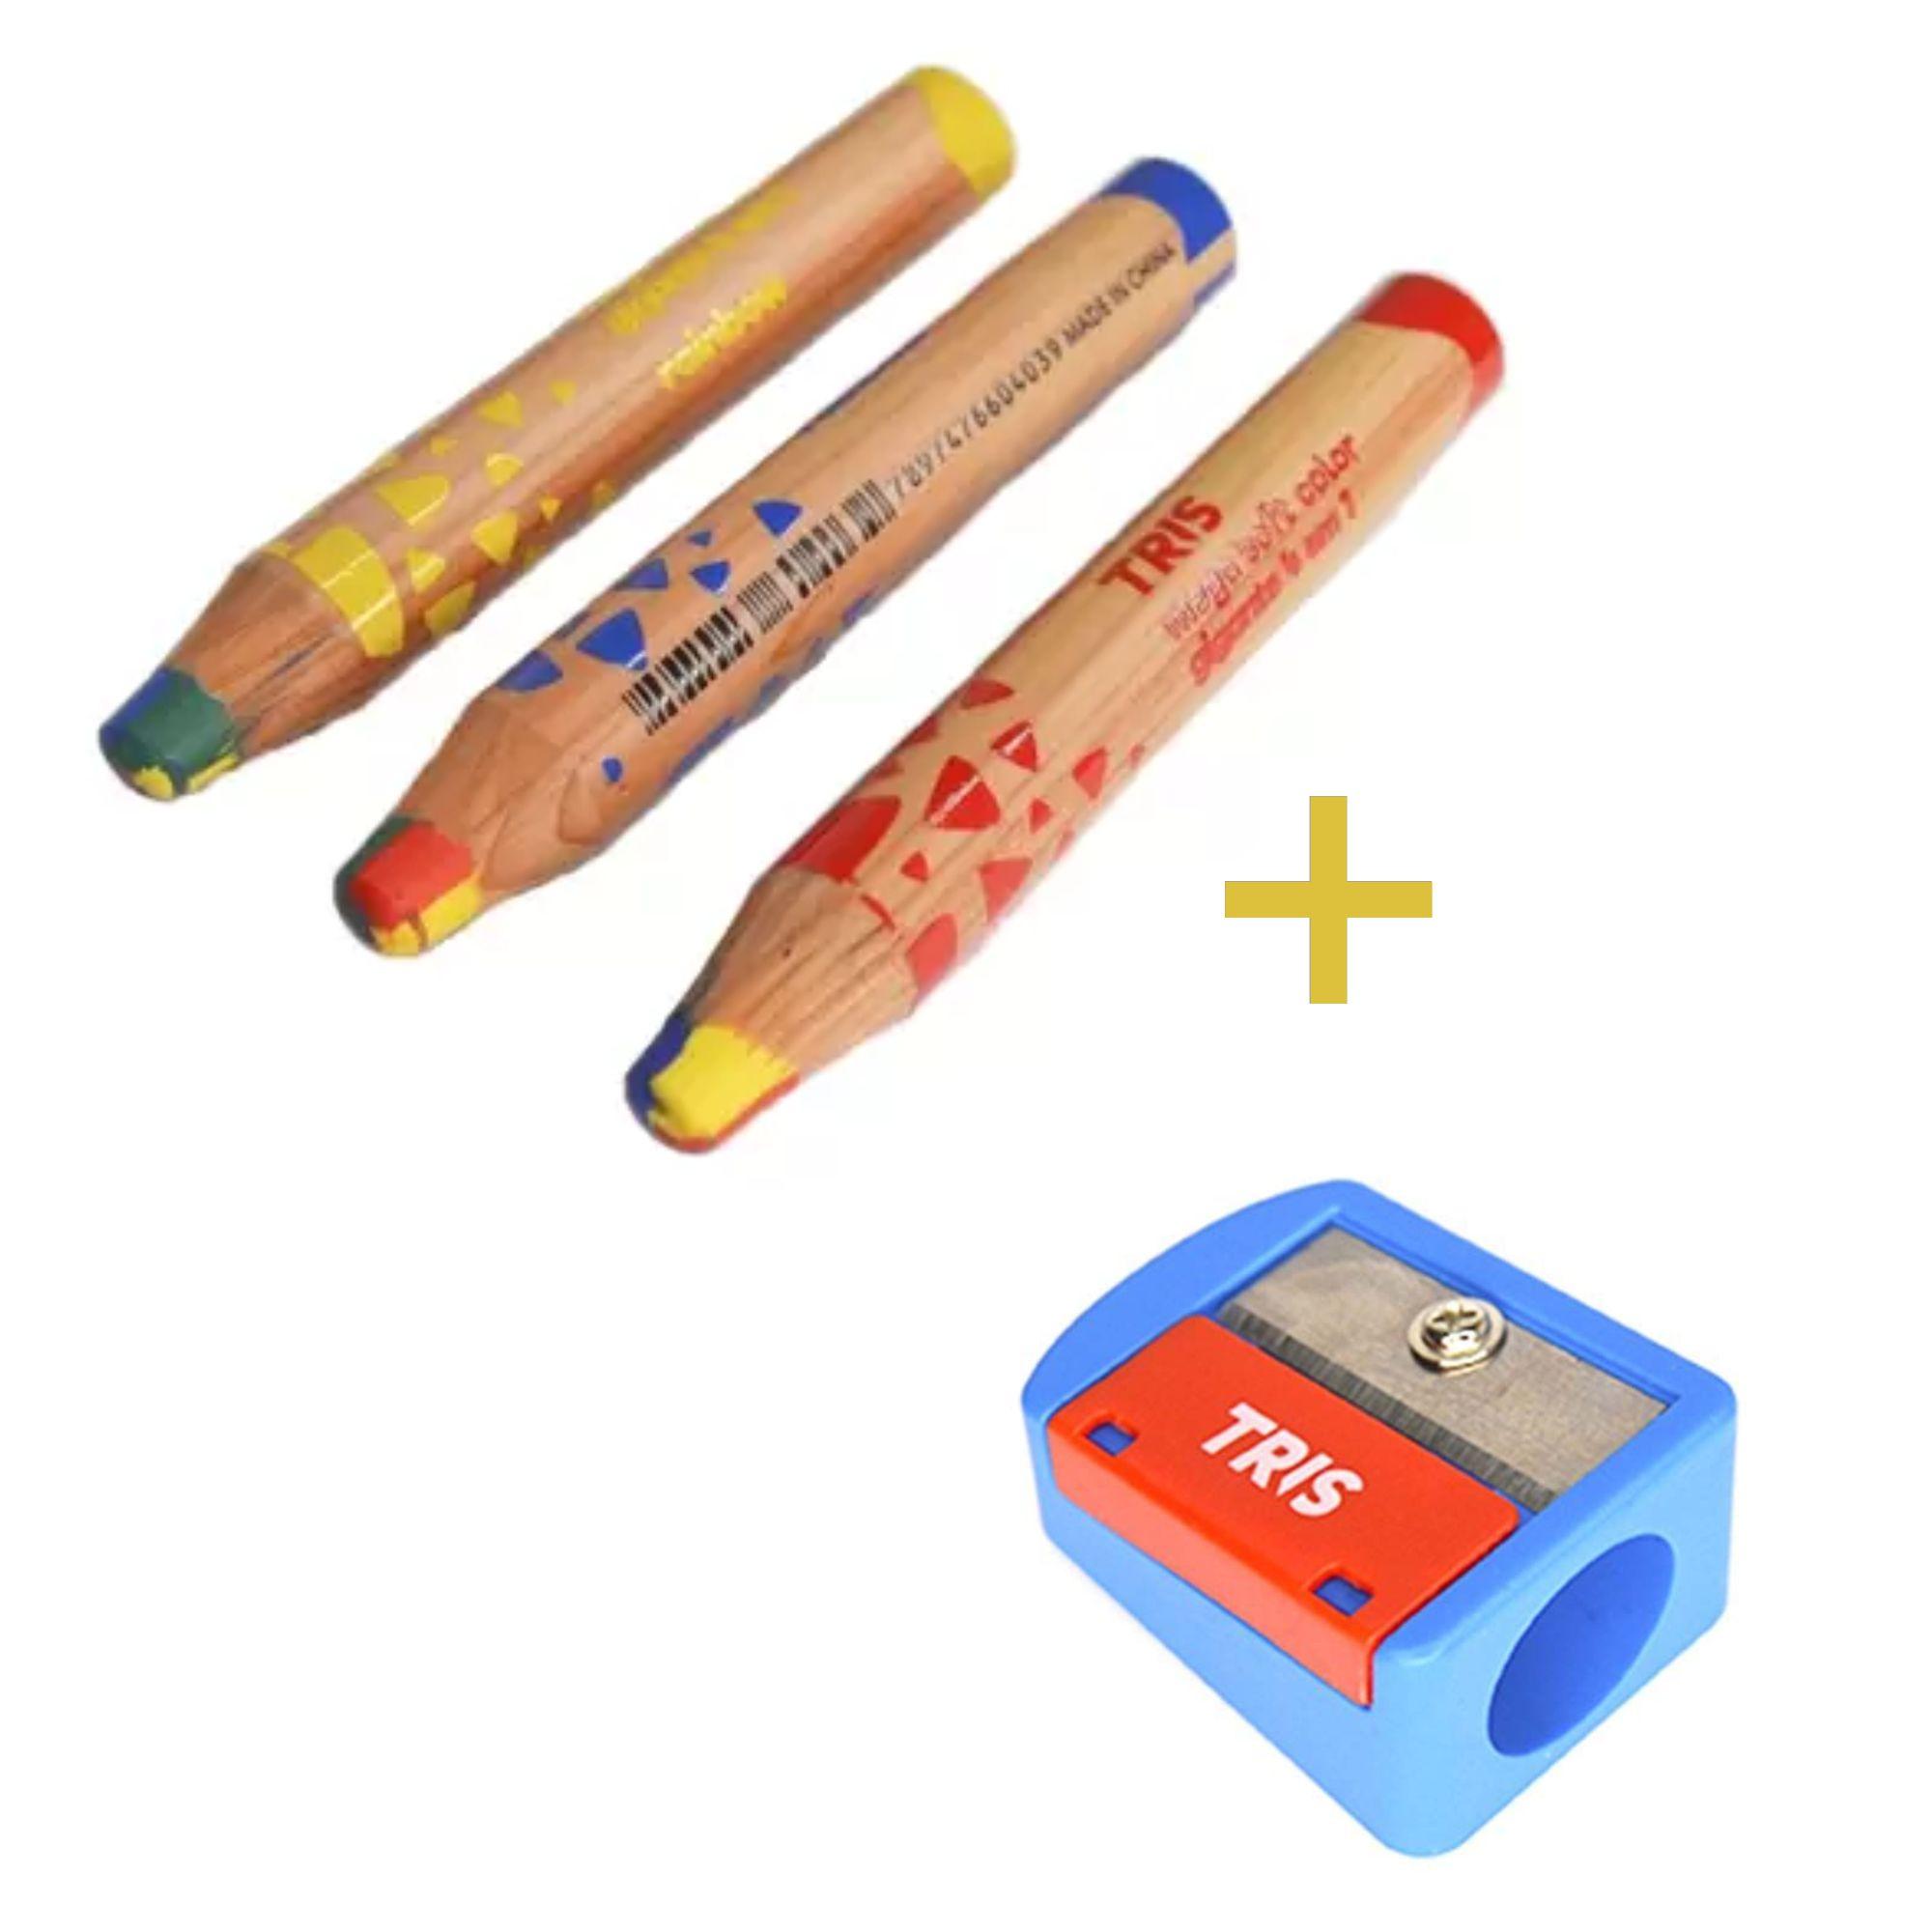 kit Lapis Cor Rainbow Jumbo e Apontador Gigante | Tris